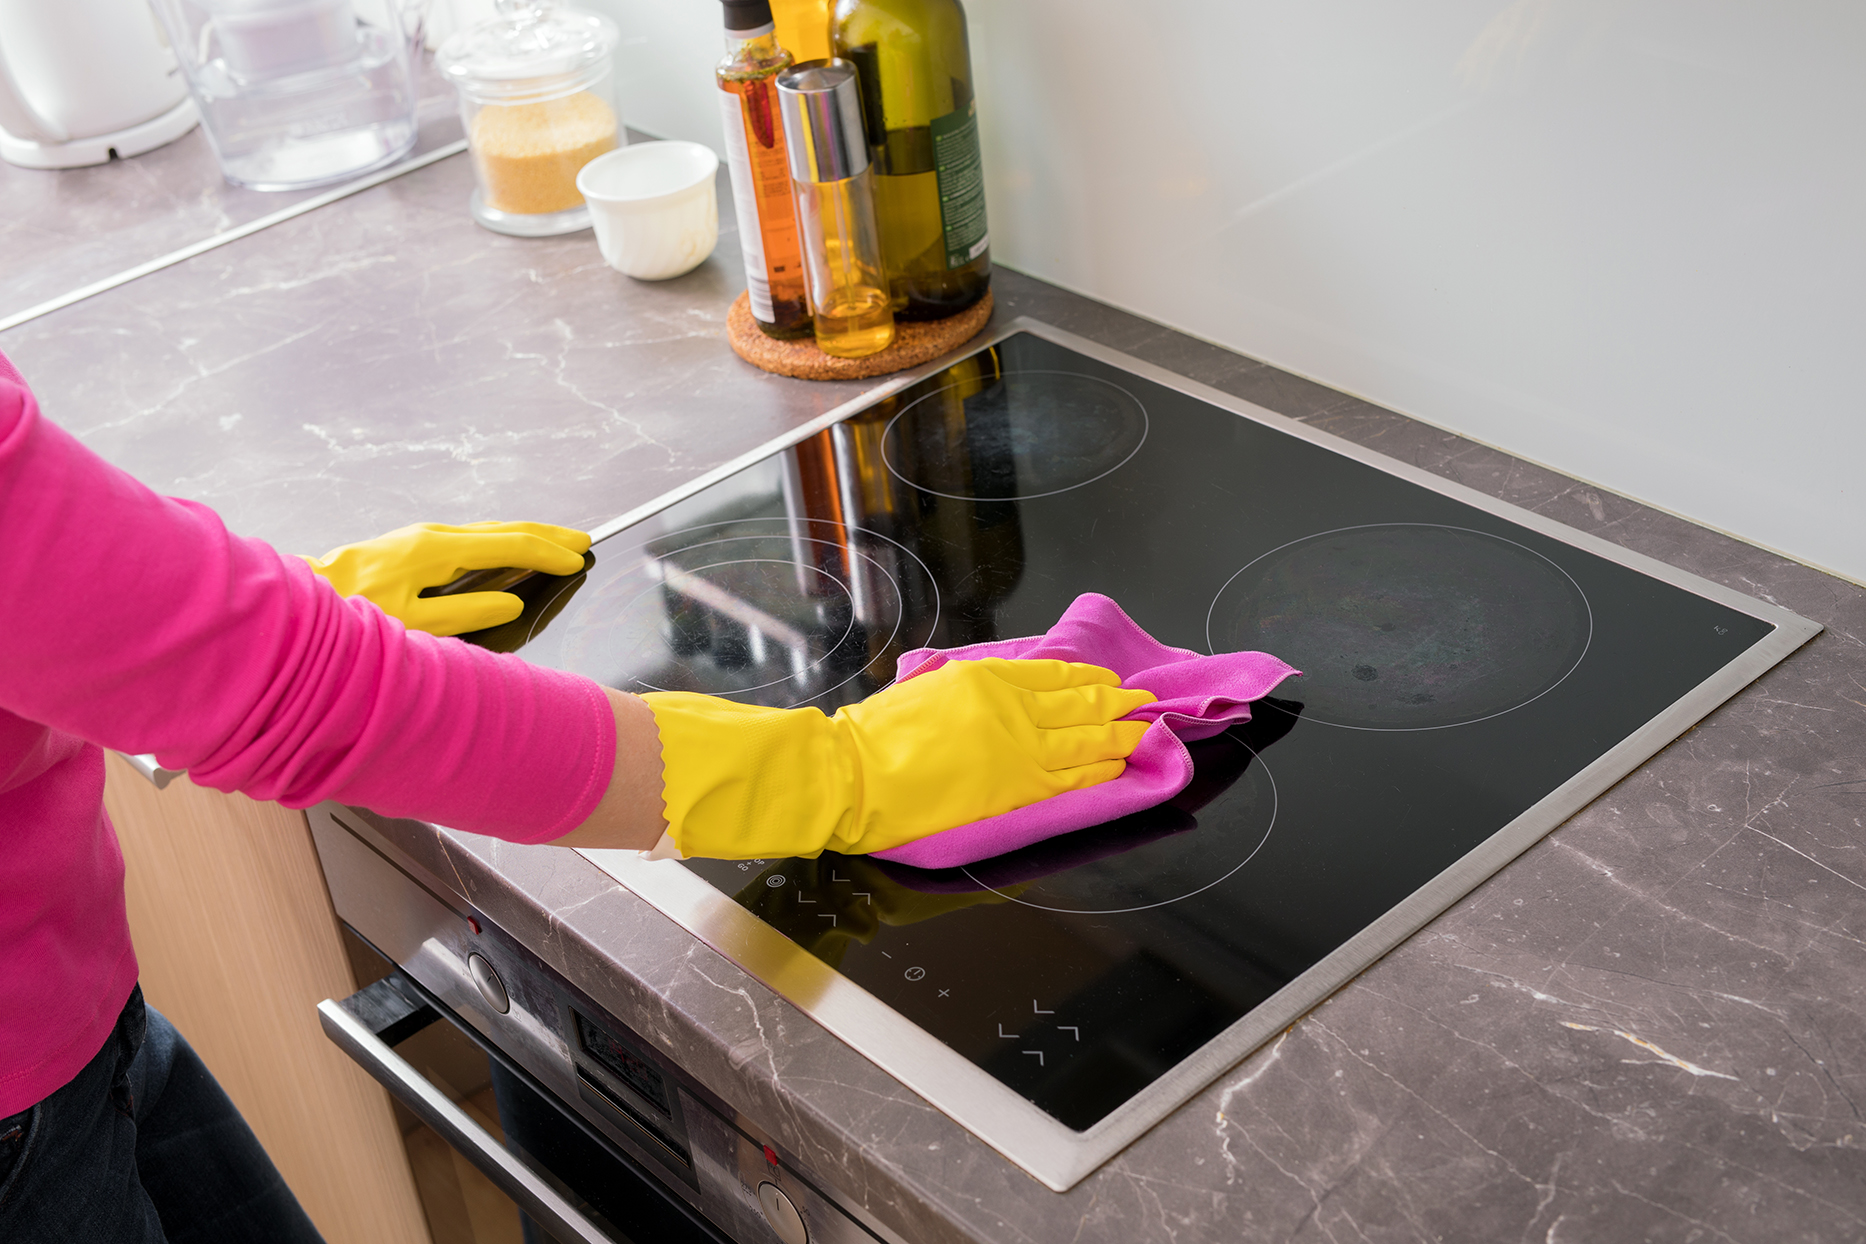 процесс очистки плиты